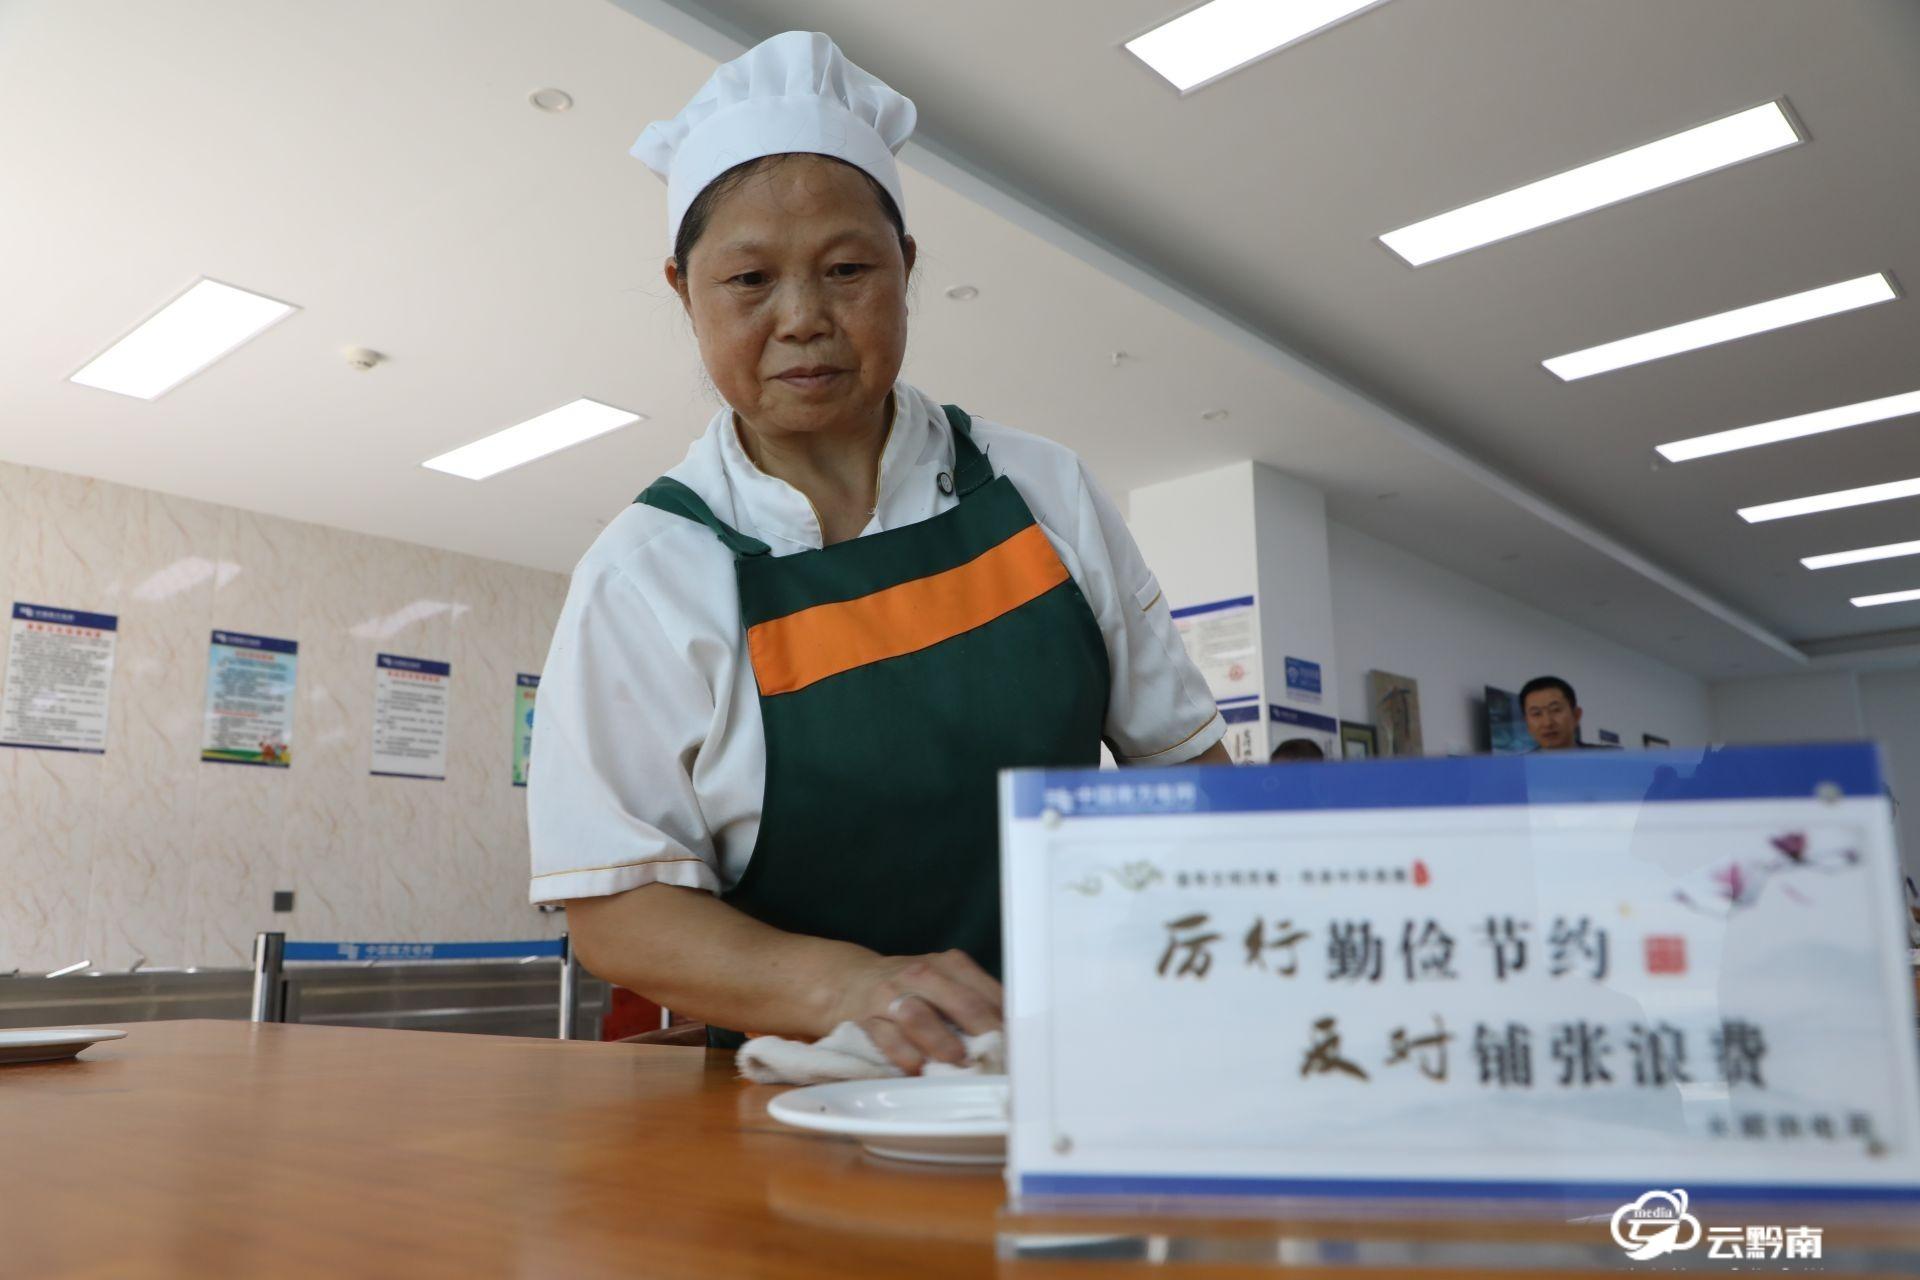 长顺县供电局:签名承诺!厉行勤俭节约,拒绝舌尖上的浪费!